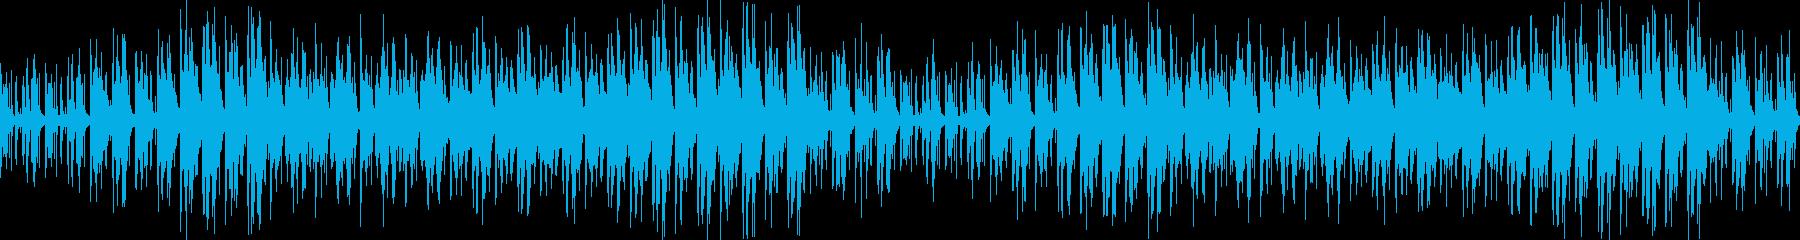 日本昔話の様な優しい和風ループの再生済みの波形